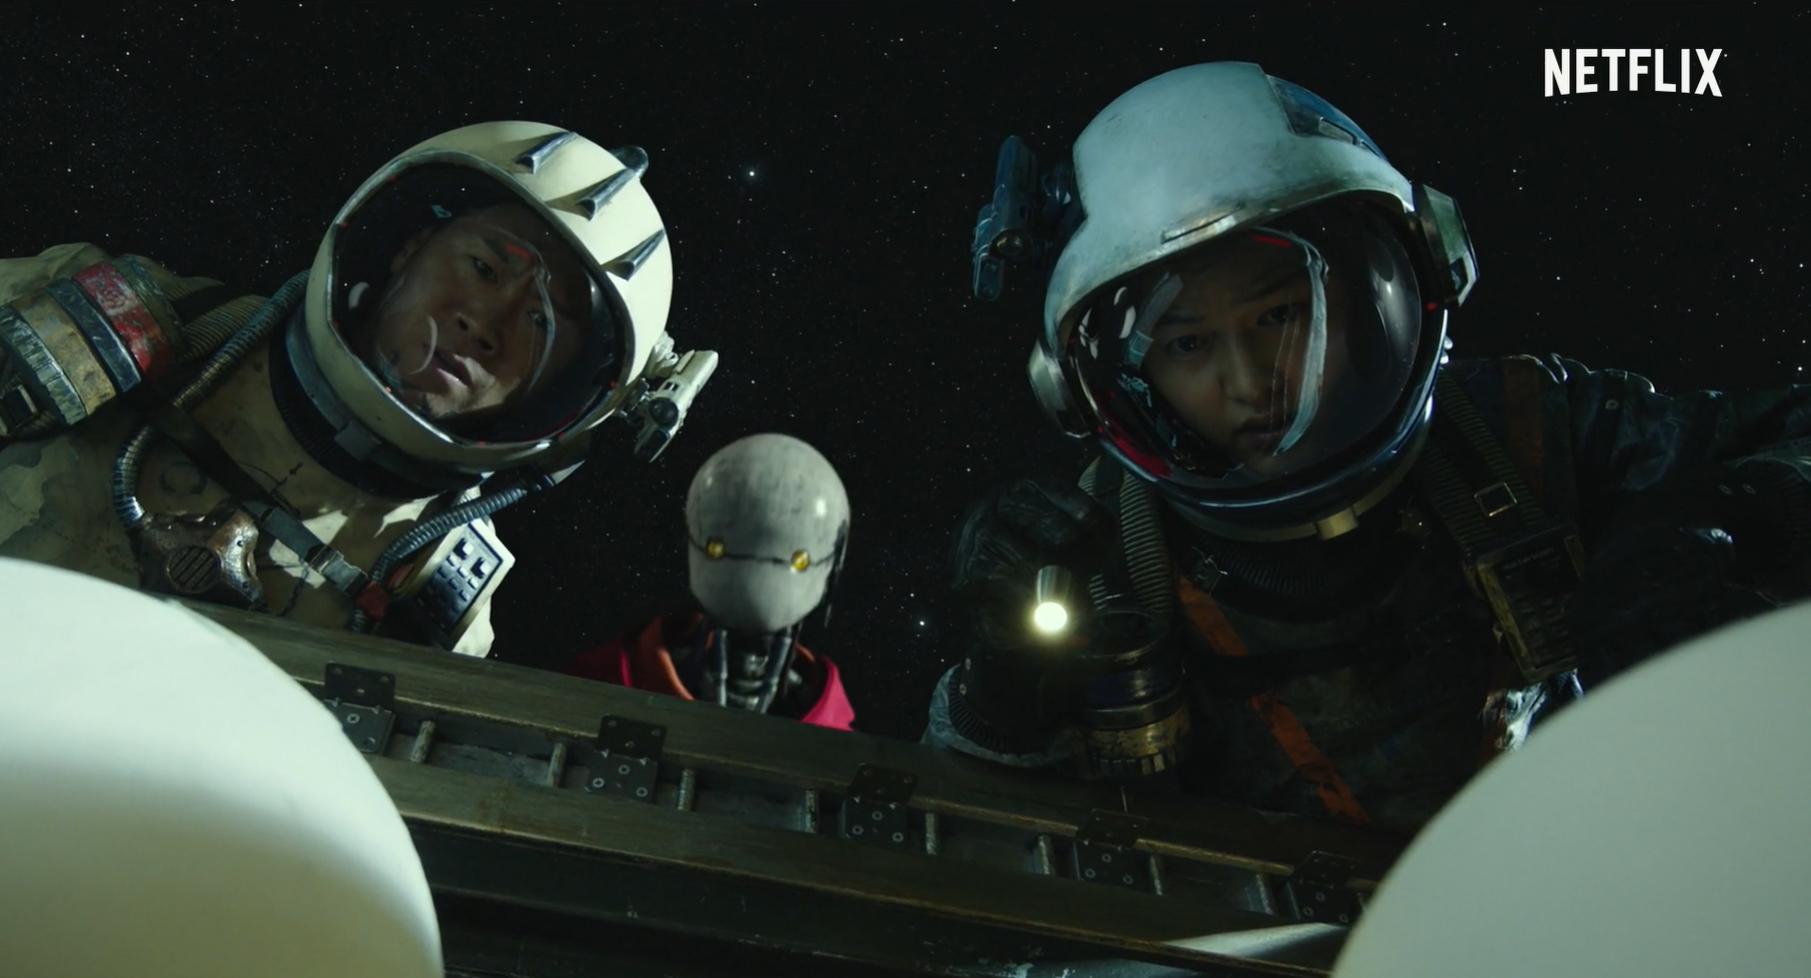 Le film de science-fiction sud-coréen